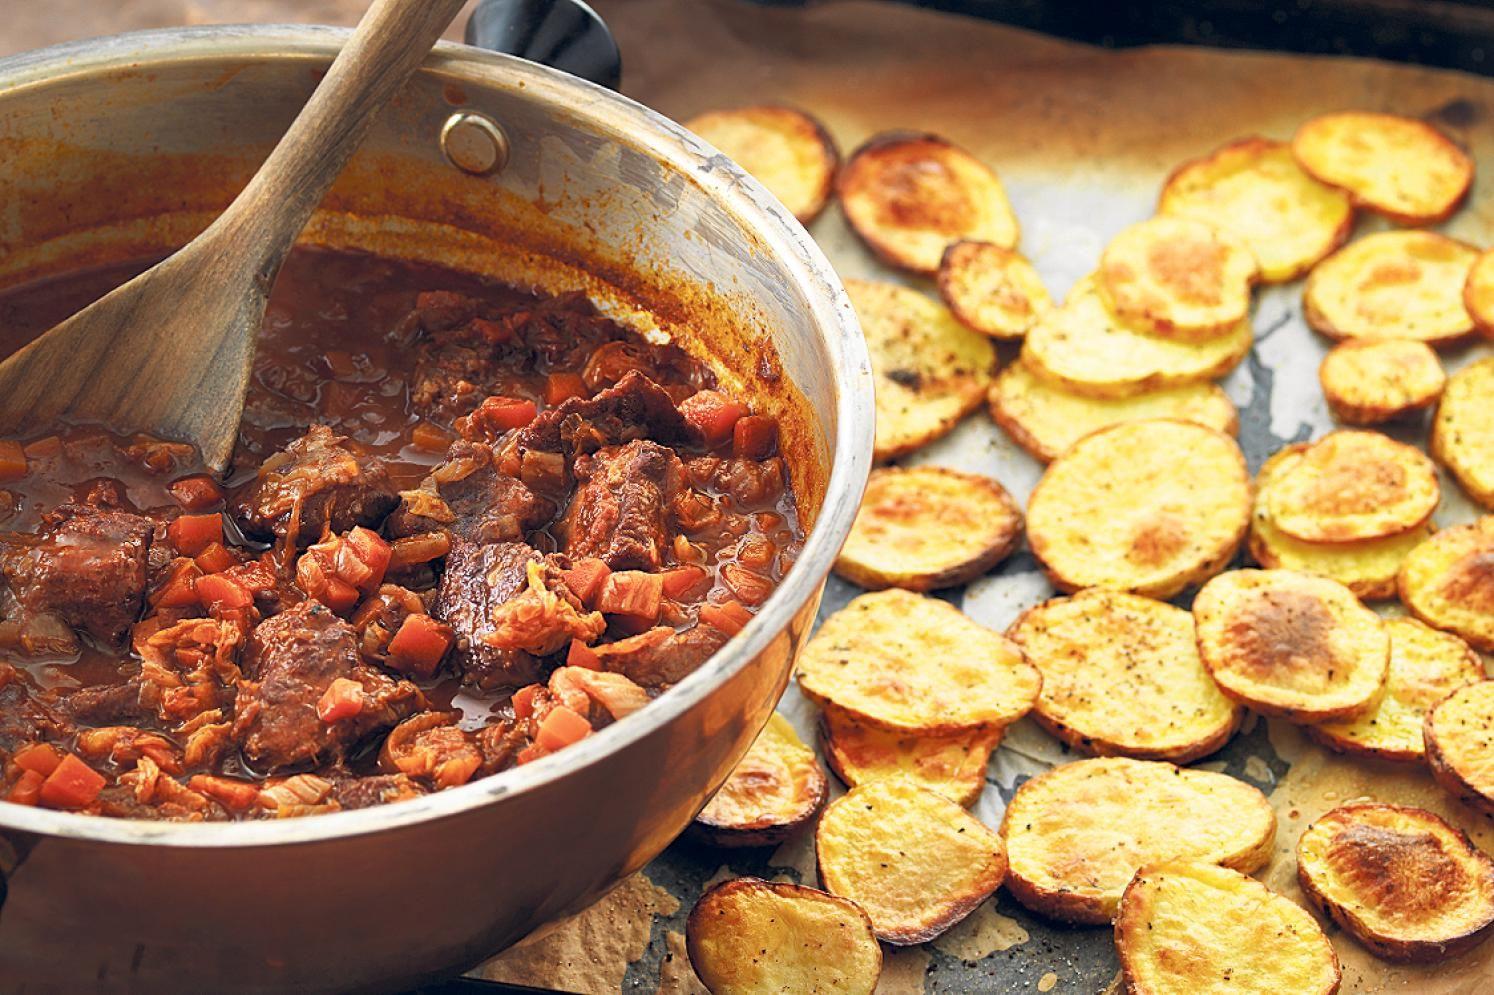 Probieren Sie Rindsragout mit Knusper-Kartoffeln oder weitere leckere Rezepte von Coop aus der Kategorie Suppen und Eintopf